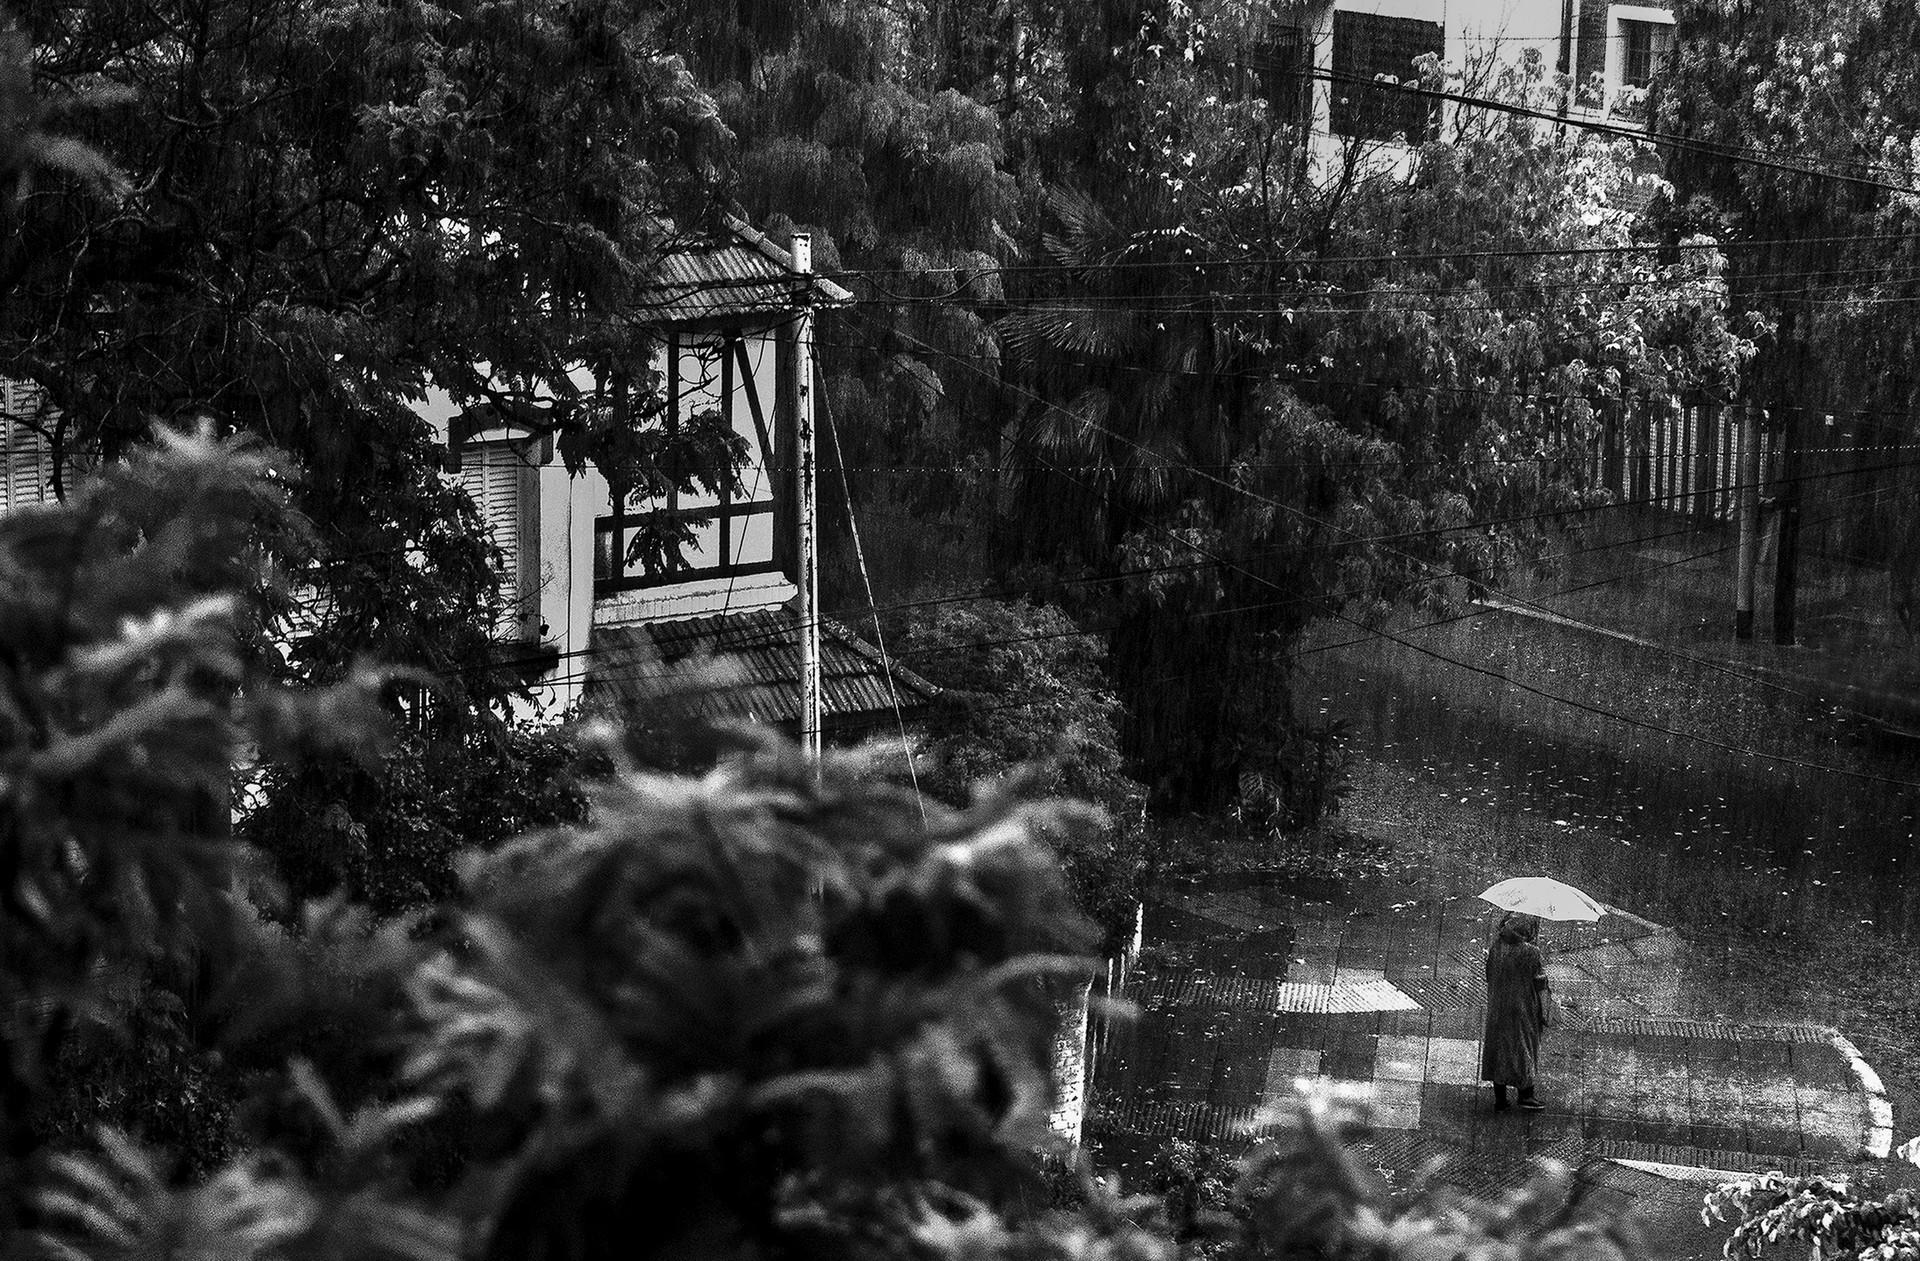 Siempre empezó a llover, fotografías desde Julio Cortázar. Buenos Aires (Fotografías y poema)